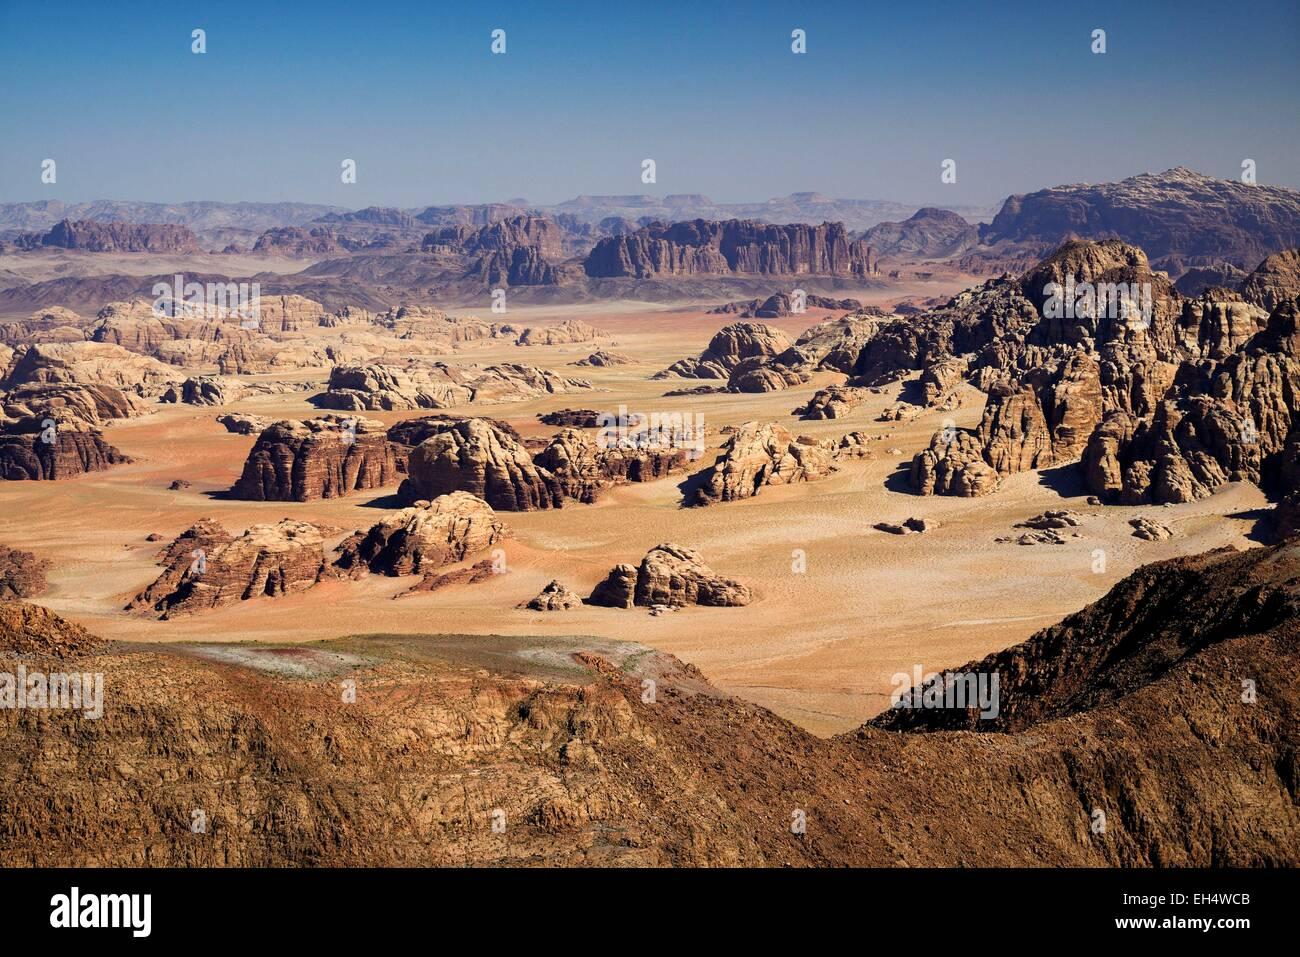 Jordan, Wüste Wadi Rum, Grenze mit Saudi-Arabien, Blick vom Gipfel des Jebel Umm Adaami (1832m), dem höchsten Stockbild